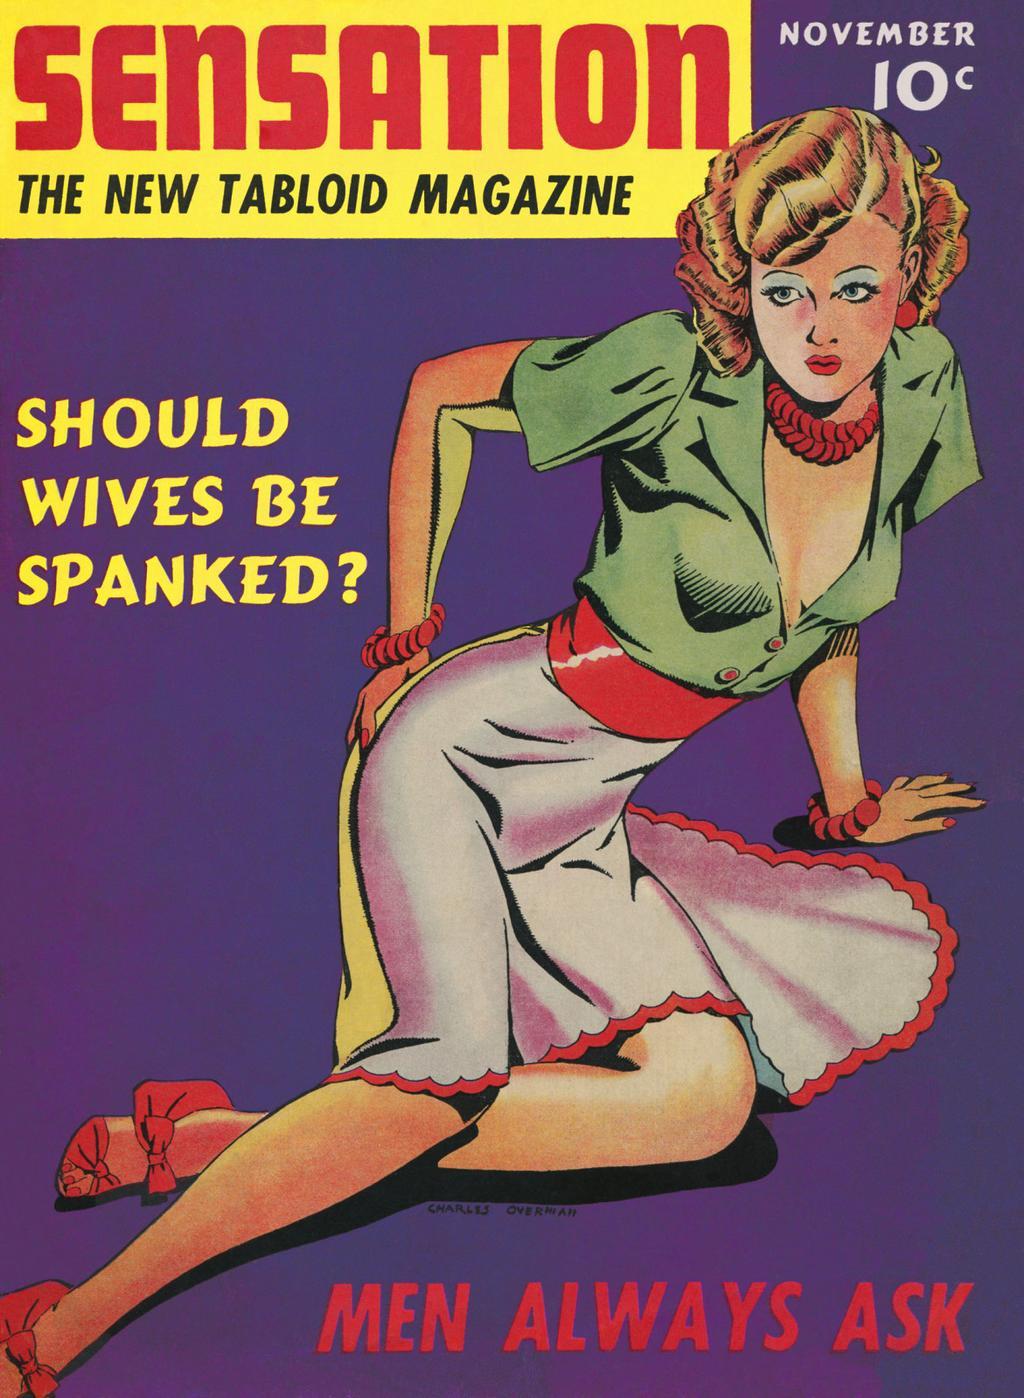 i-spank-my-wife-otk-daily